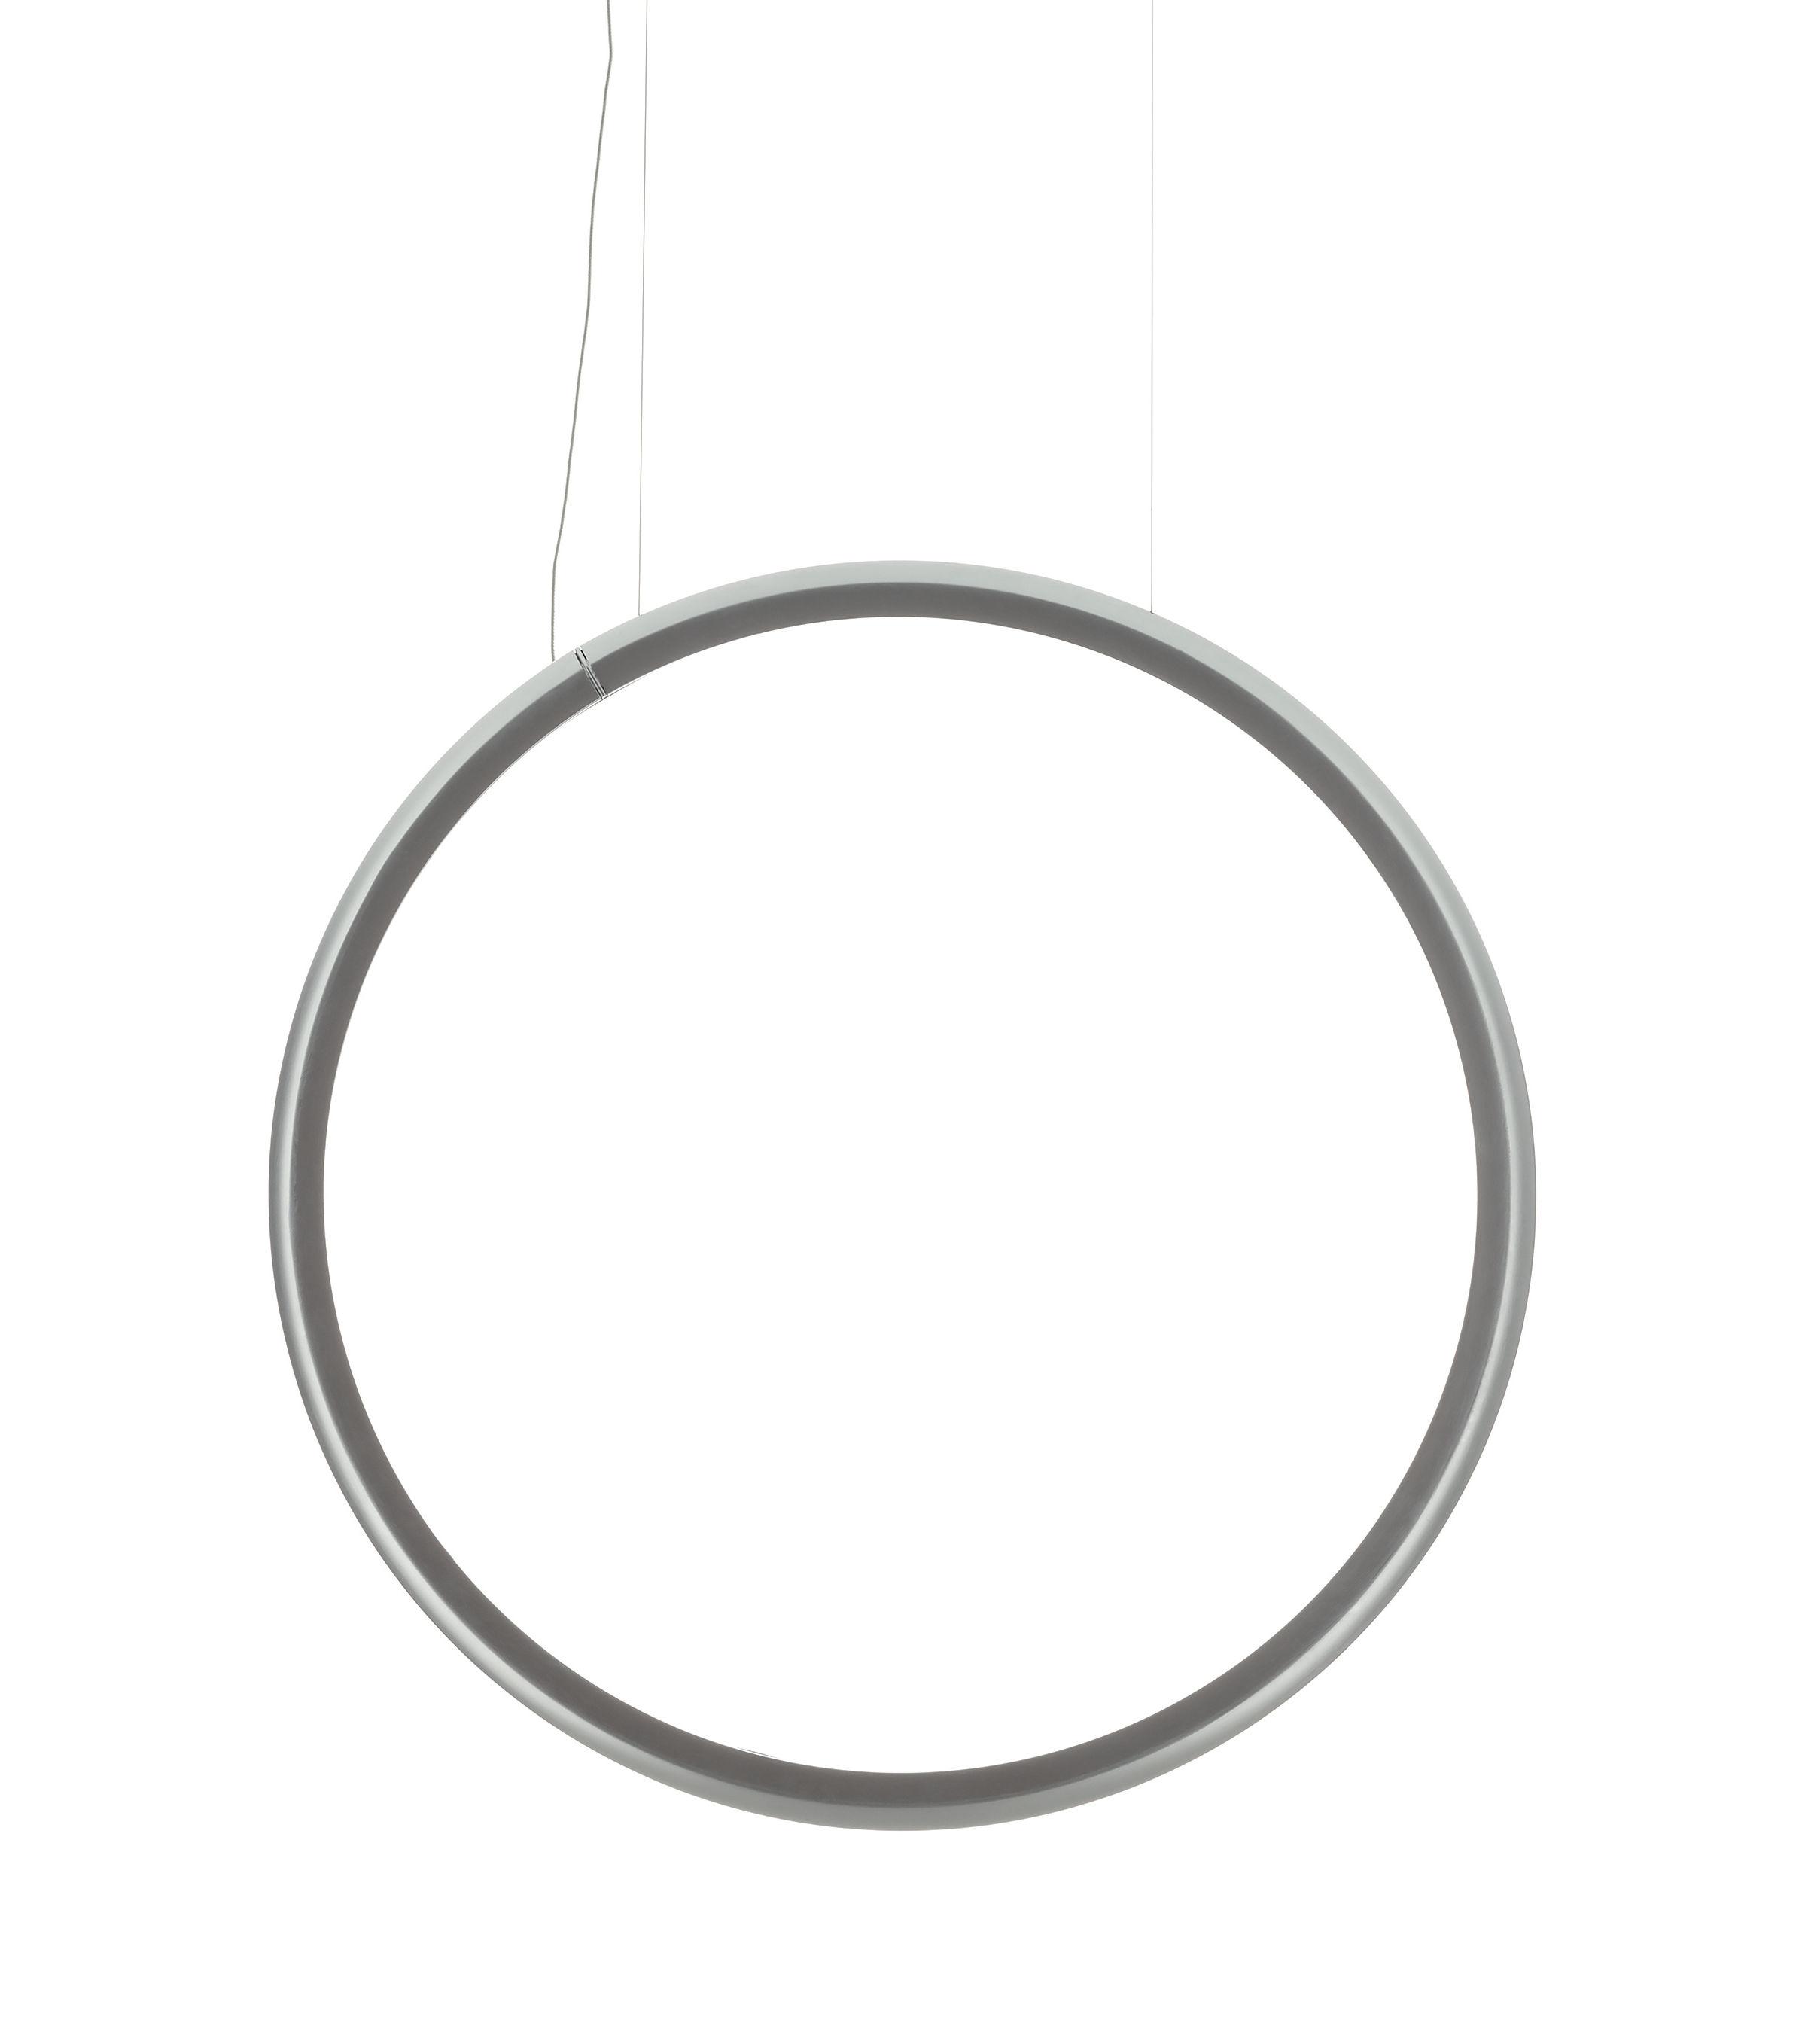 Luminaire - Suspensions - Suspension Discovery Vertical / Ø 100 cm - Connecté appli smartphone - Artemide - Transparent - Aluminium, Technopolymère